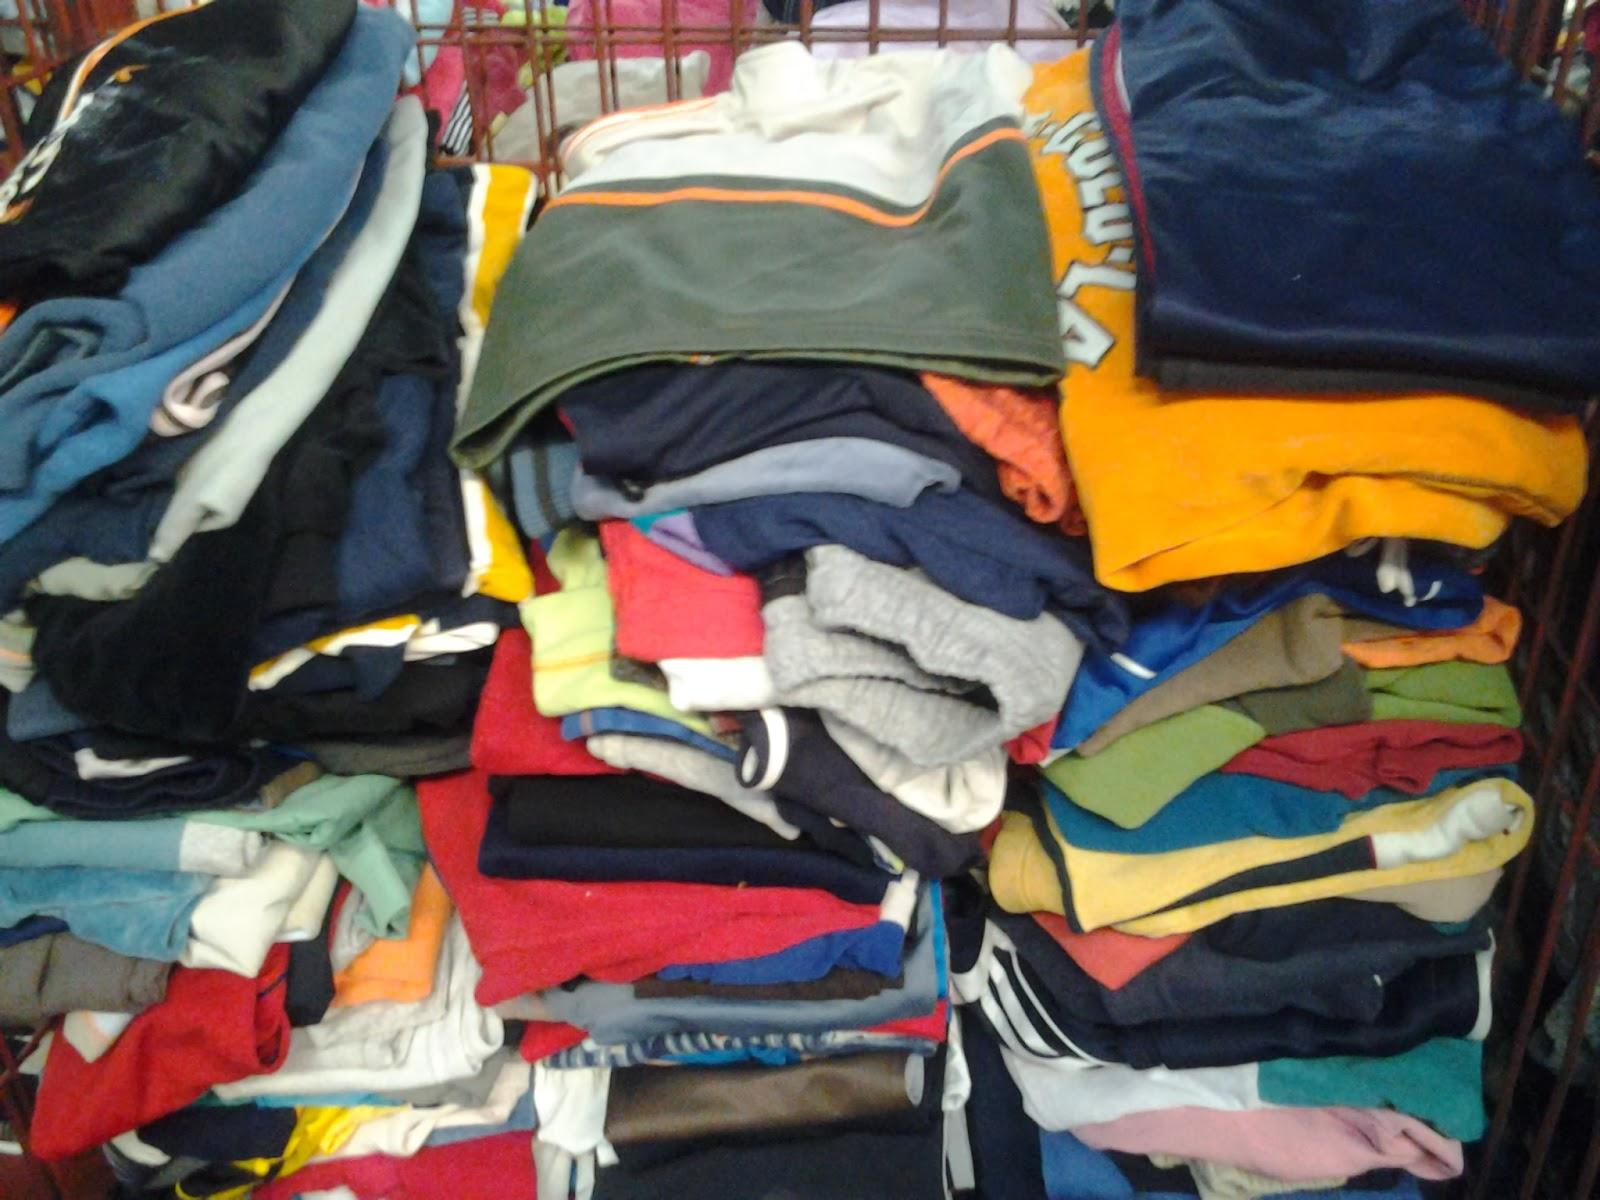 EMPRESA ROPA USADA MAYORISTA almacen proveedores fabricante importación y  exportación Textil recuperación y reciclaje en España 3caec90ef6c